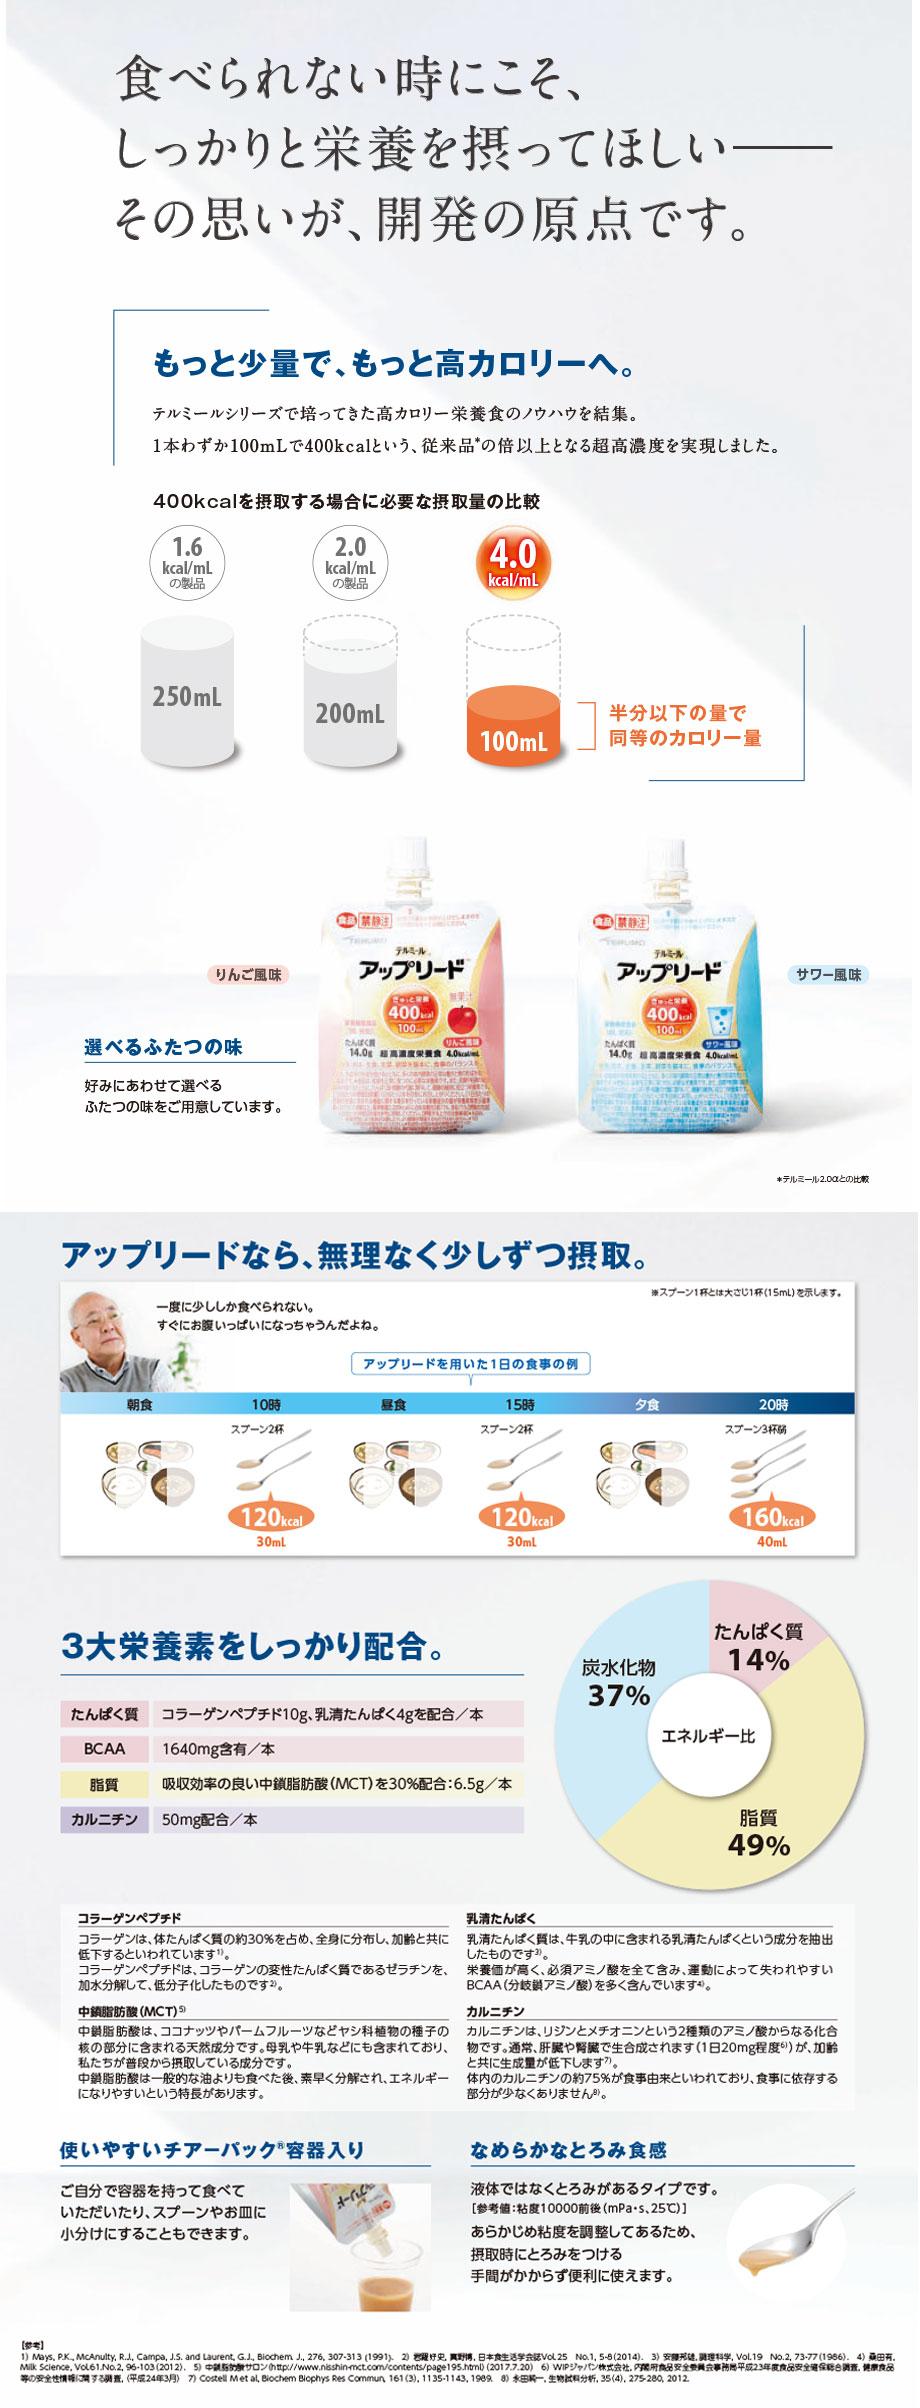 テルミール アップリード|テルモ(株)|Ch2.経腸栄養|PDN ...